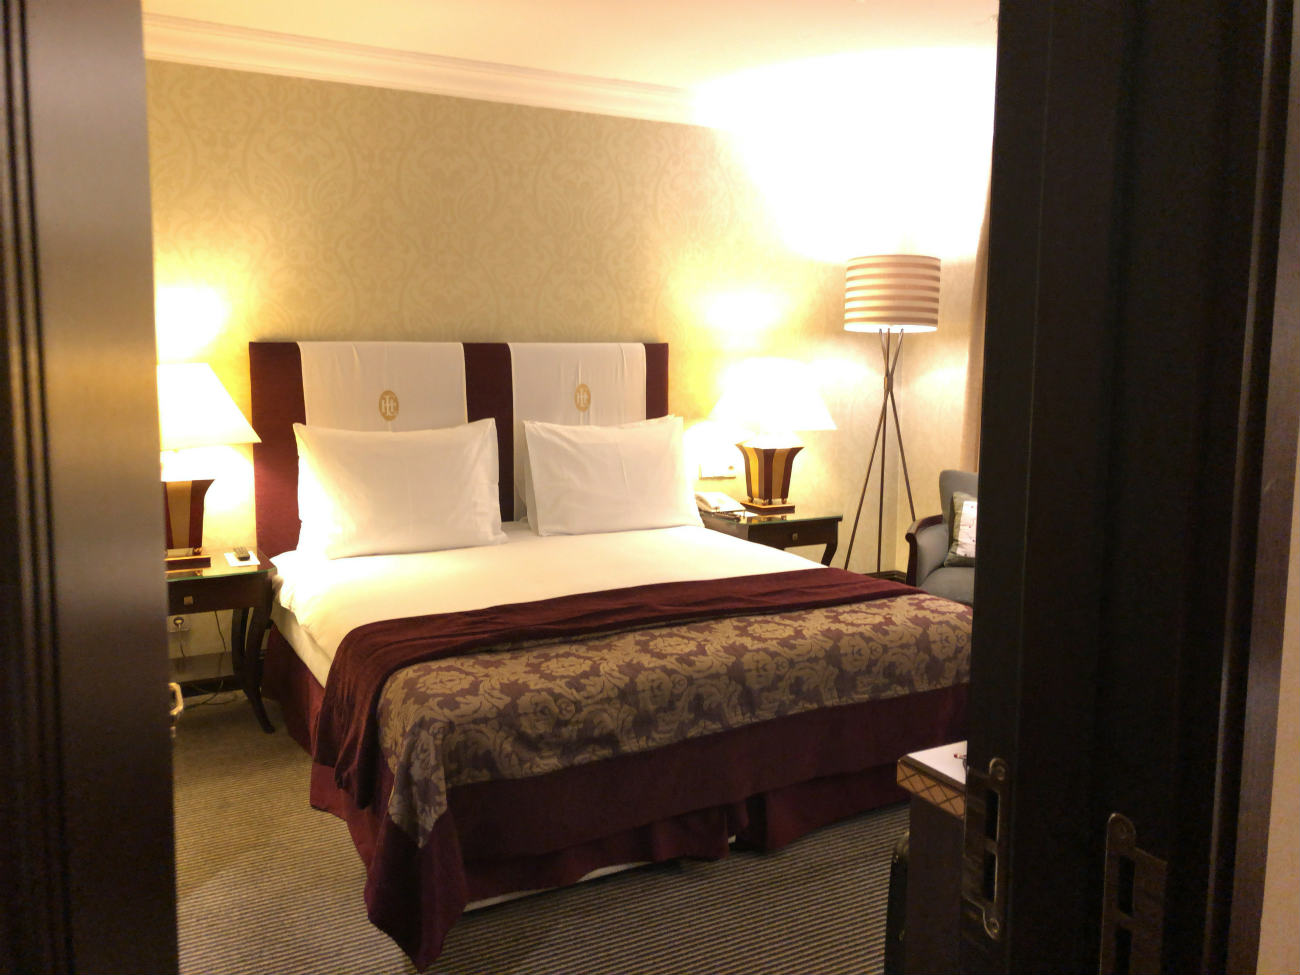 ホテル エスプレナーデの客室